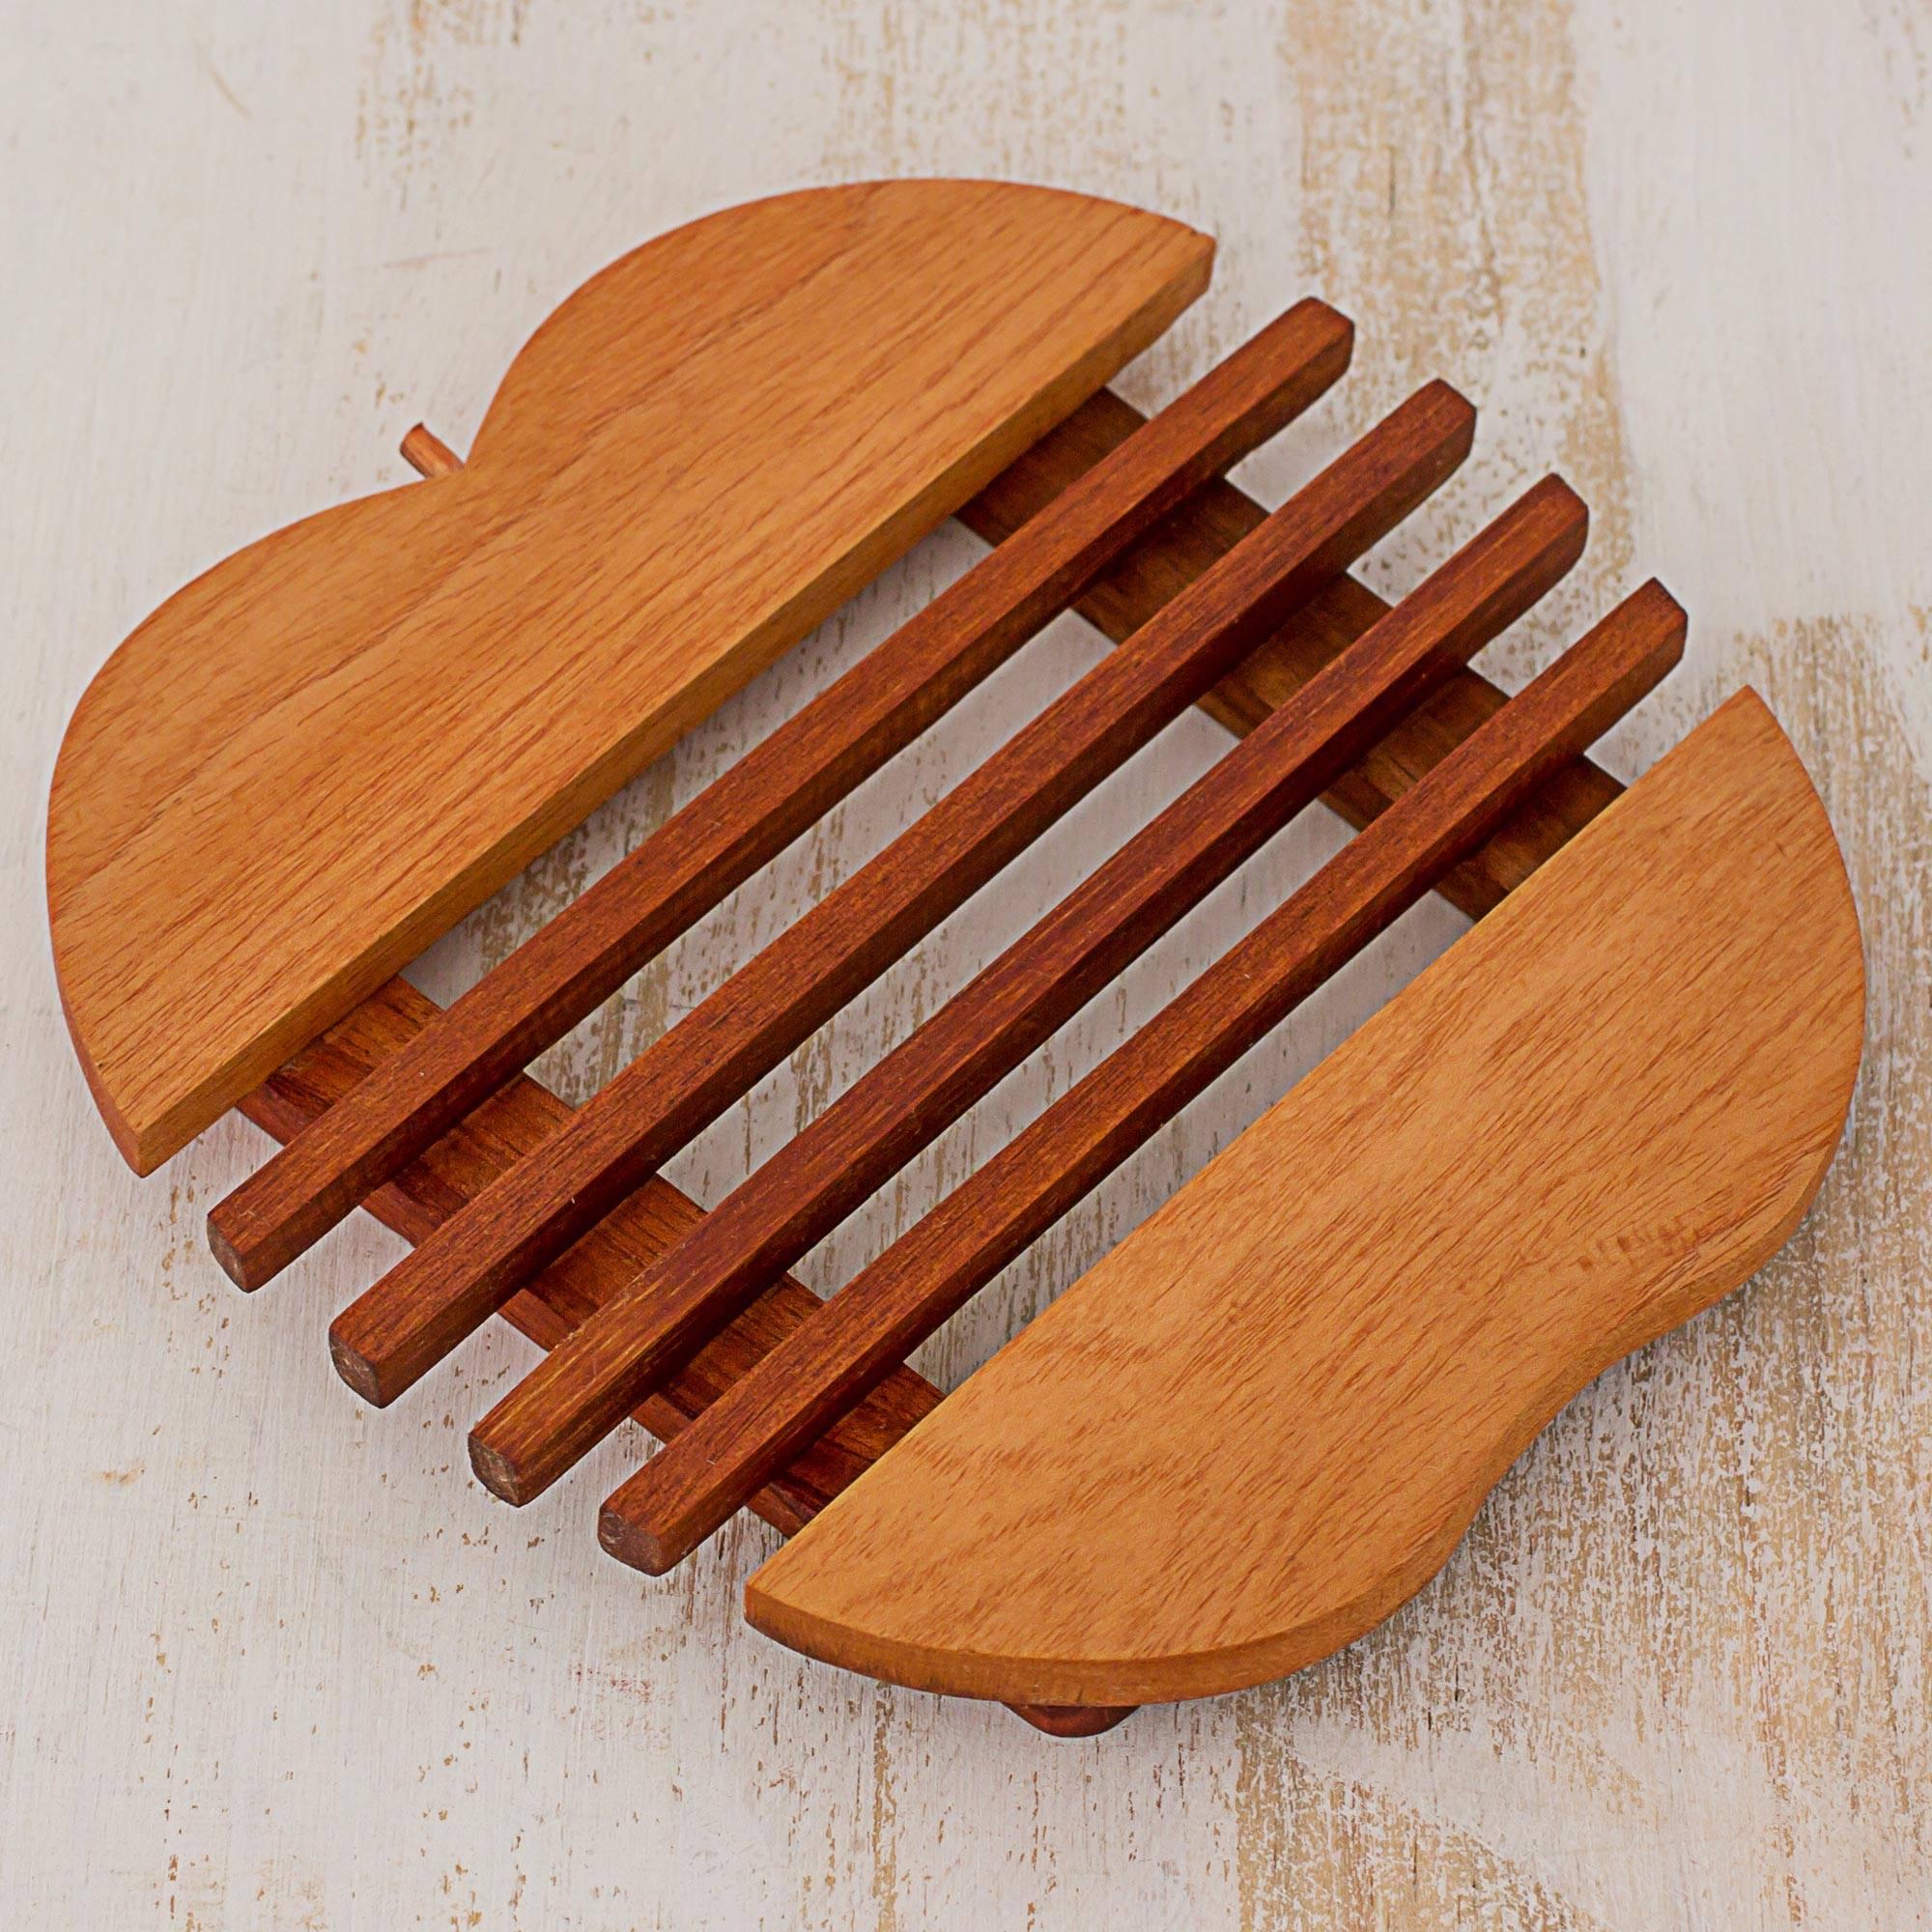 Sweet Apple Cedar Wood Trivet Apple Shape from Guatemala